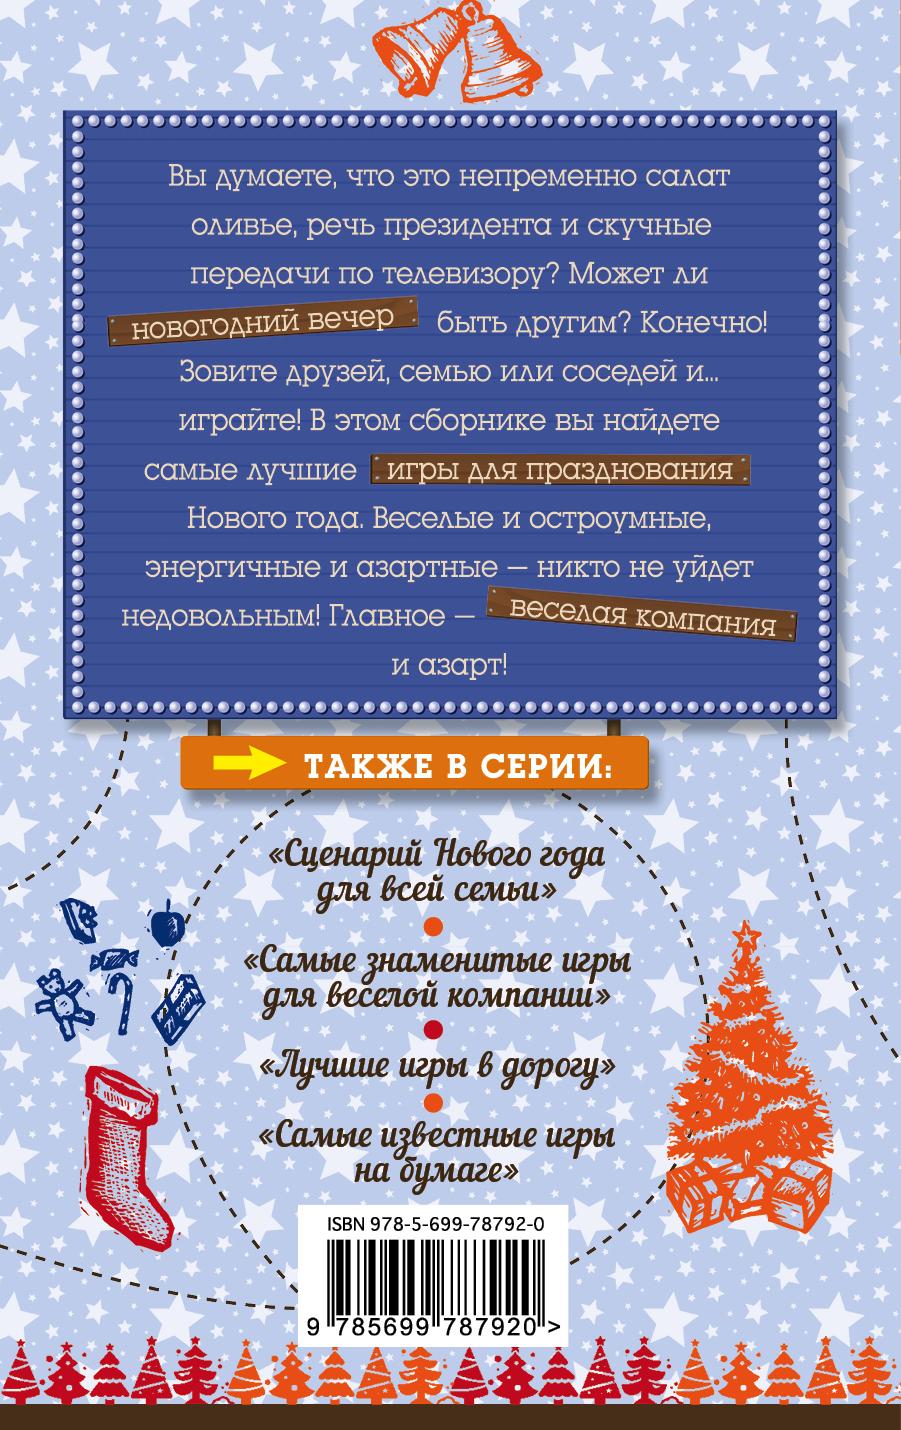 Сценарий новый год конкурсы